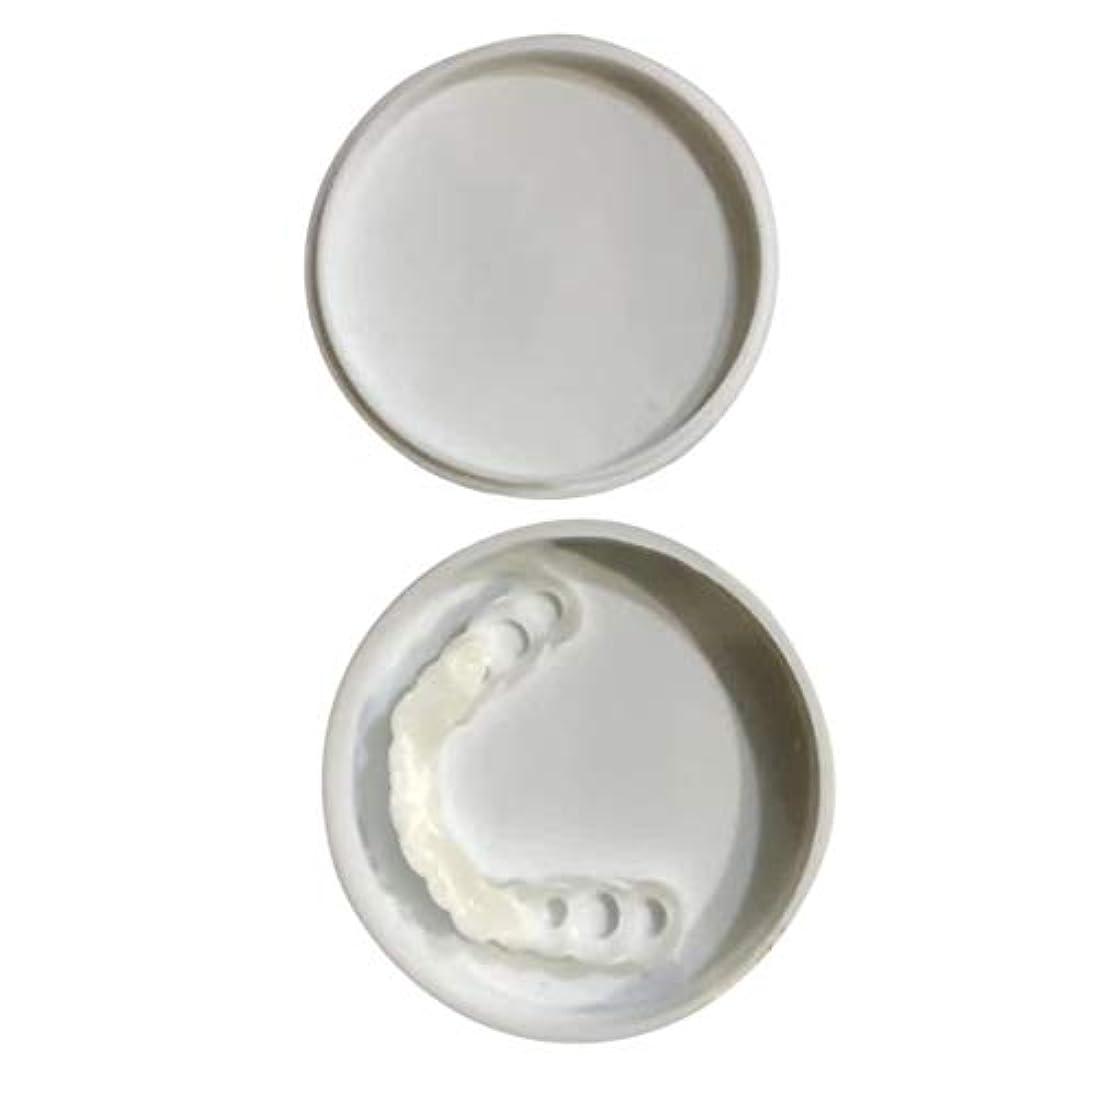 暴徒休憩公平快適なスナップオン男性女性歯インスタントパーフェクトスマイルコンフォートフィットフレックス歯フィットホワイトニング笑顔偽歯カバー - ホワイト